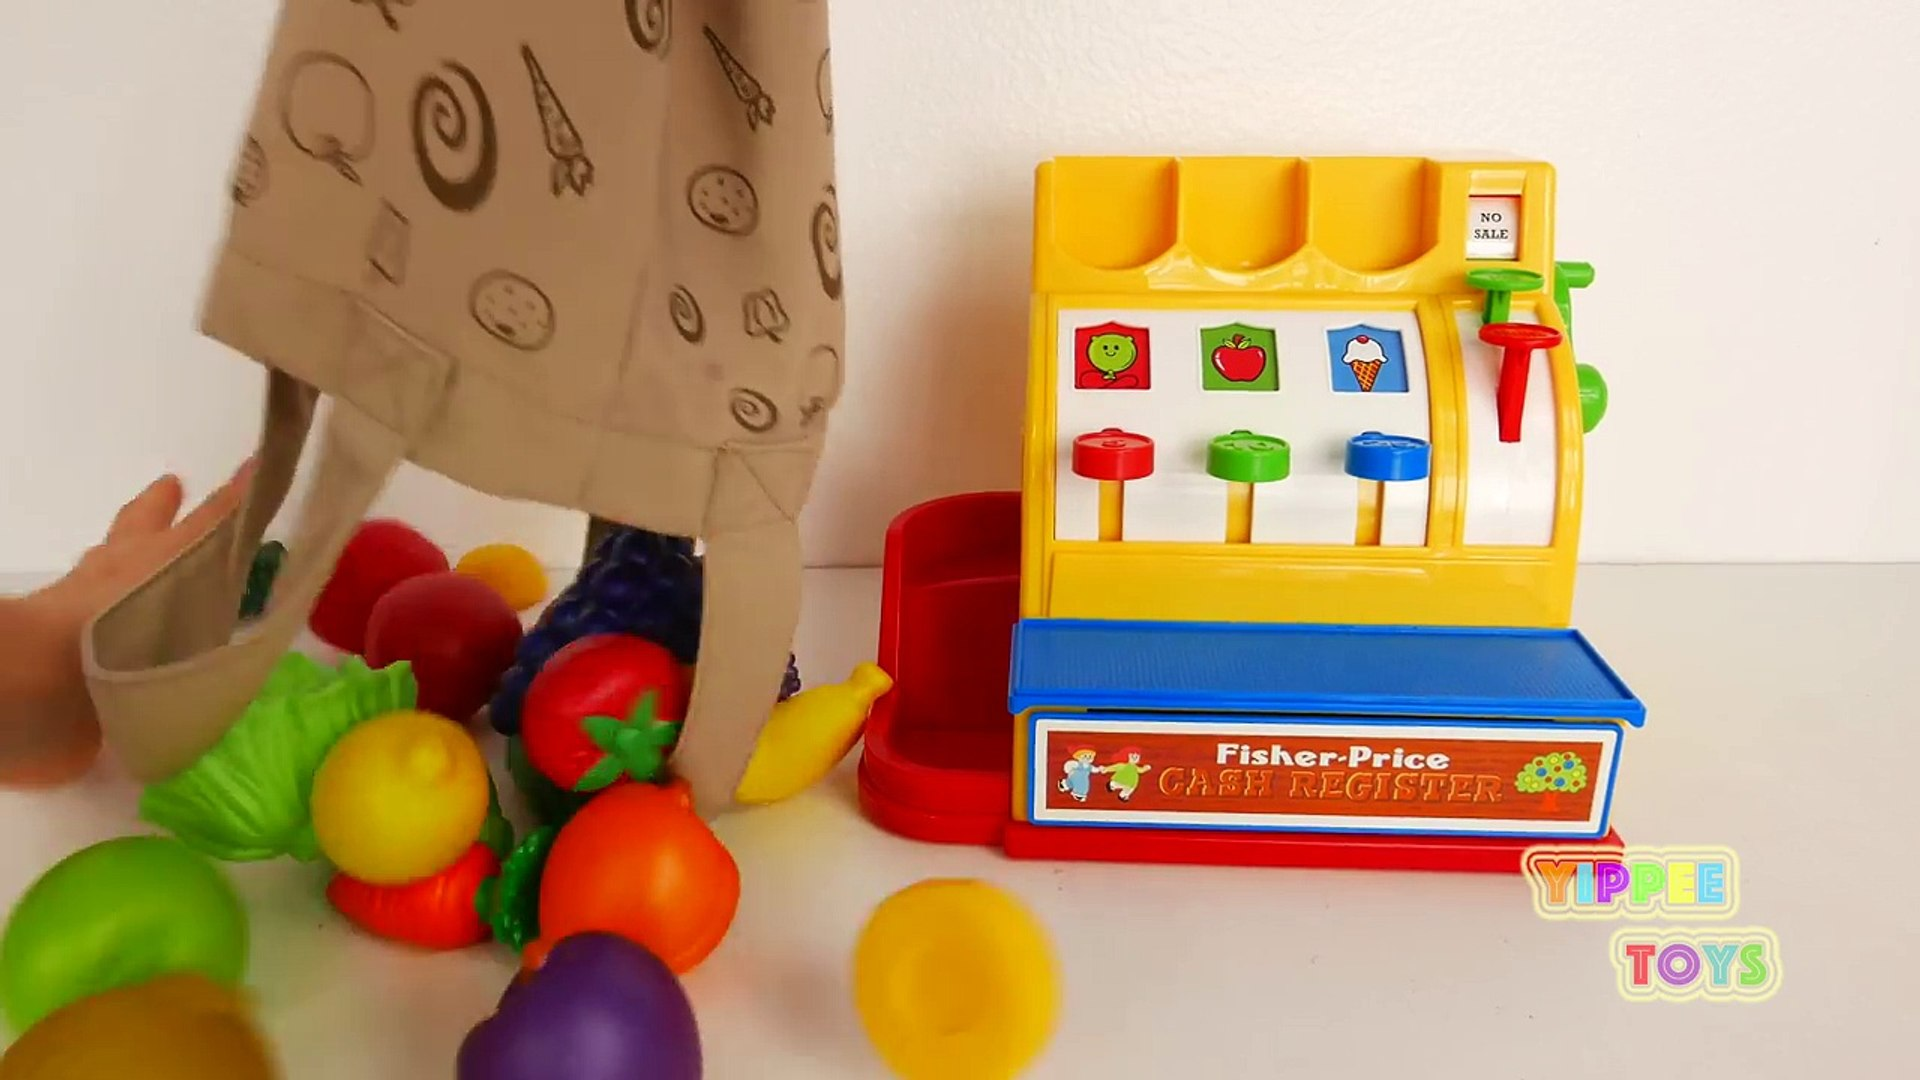 И денежные средства Дети цвета Ф.О. Ф.О. для фрукты Узнайте играть Набор для игр делать вид регистра